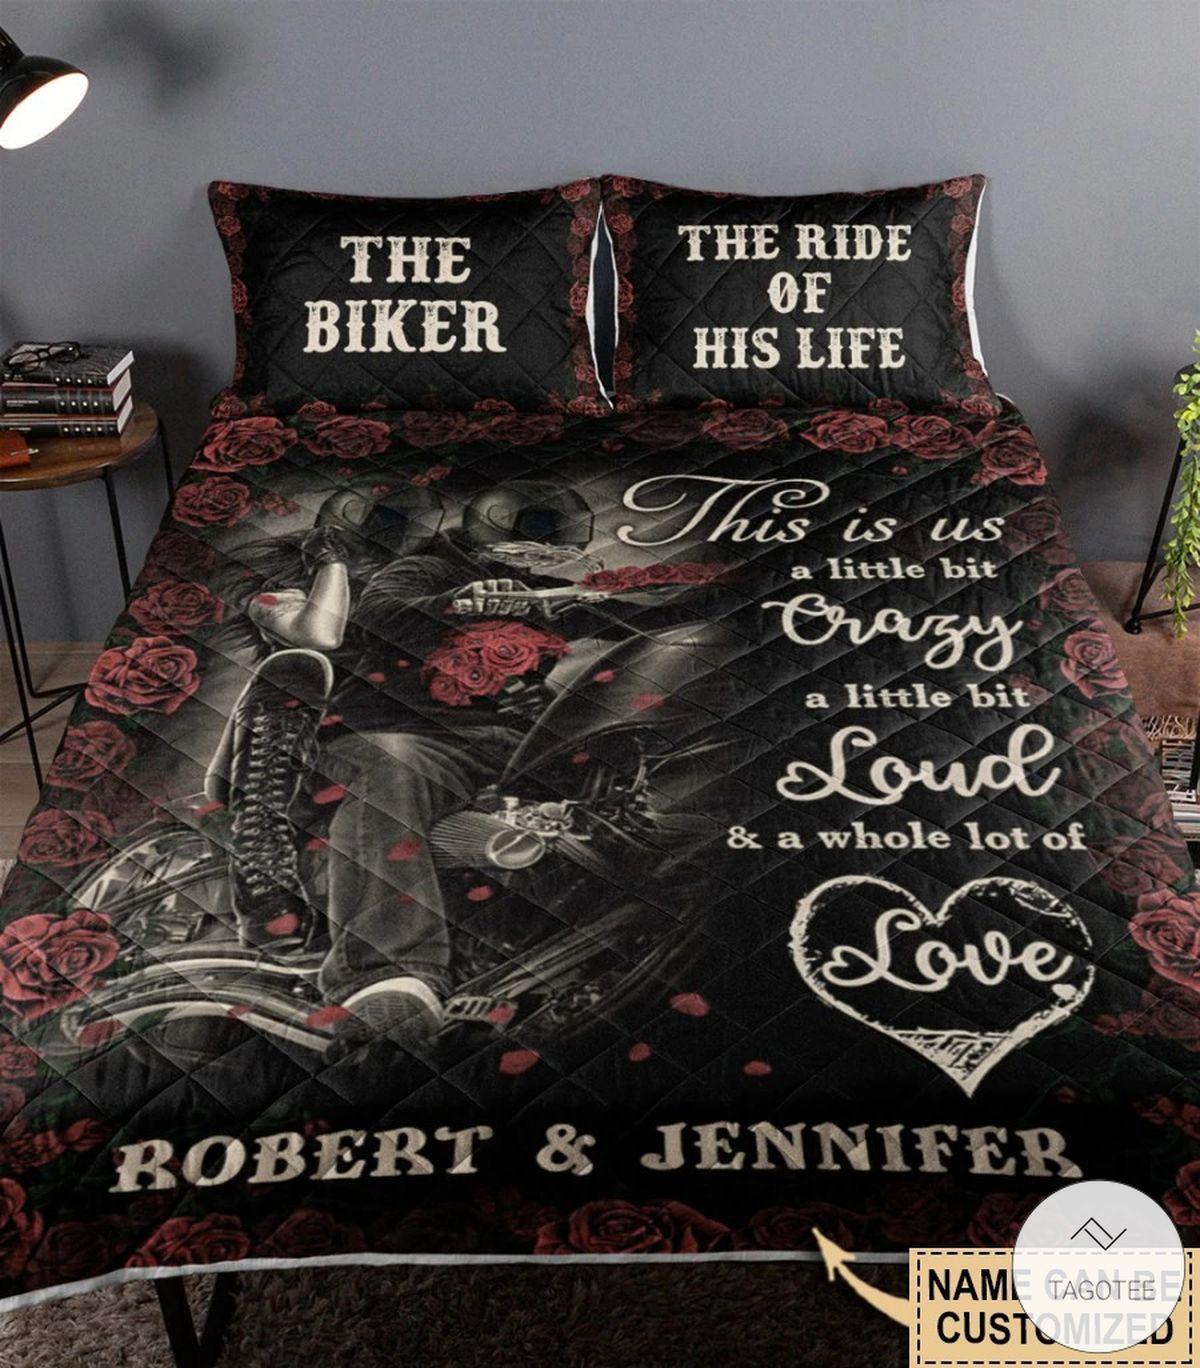 Personalized Biker Couple This is us a little bit crazy a little bit loud quilt bedding set